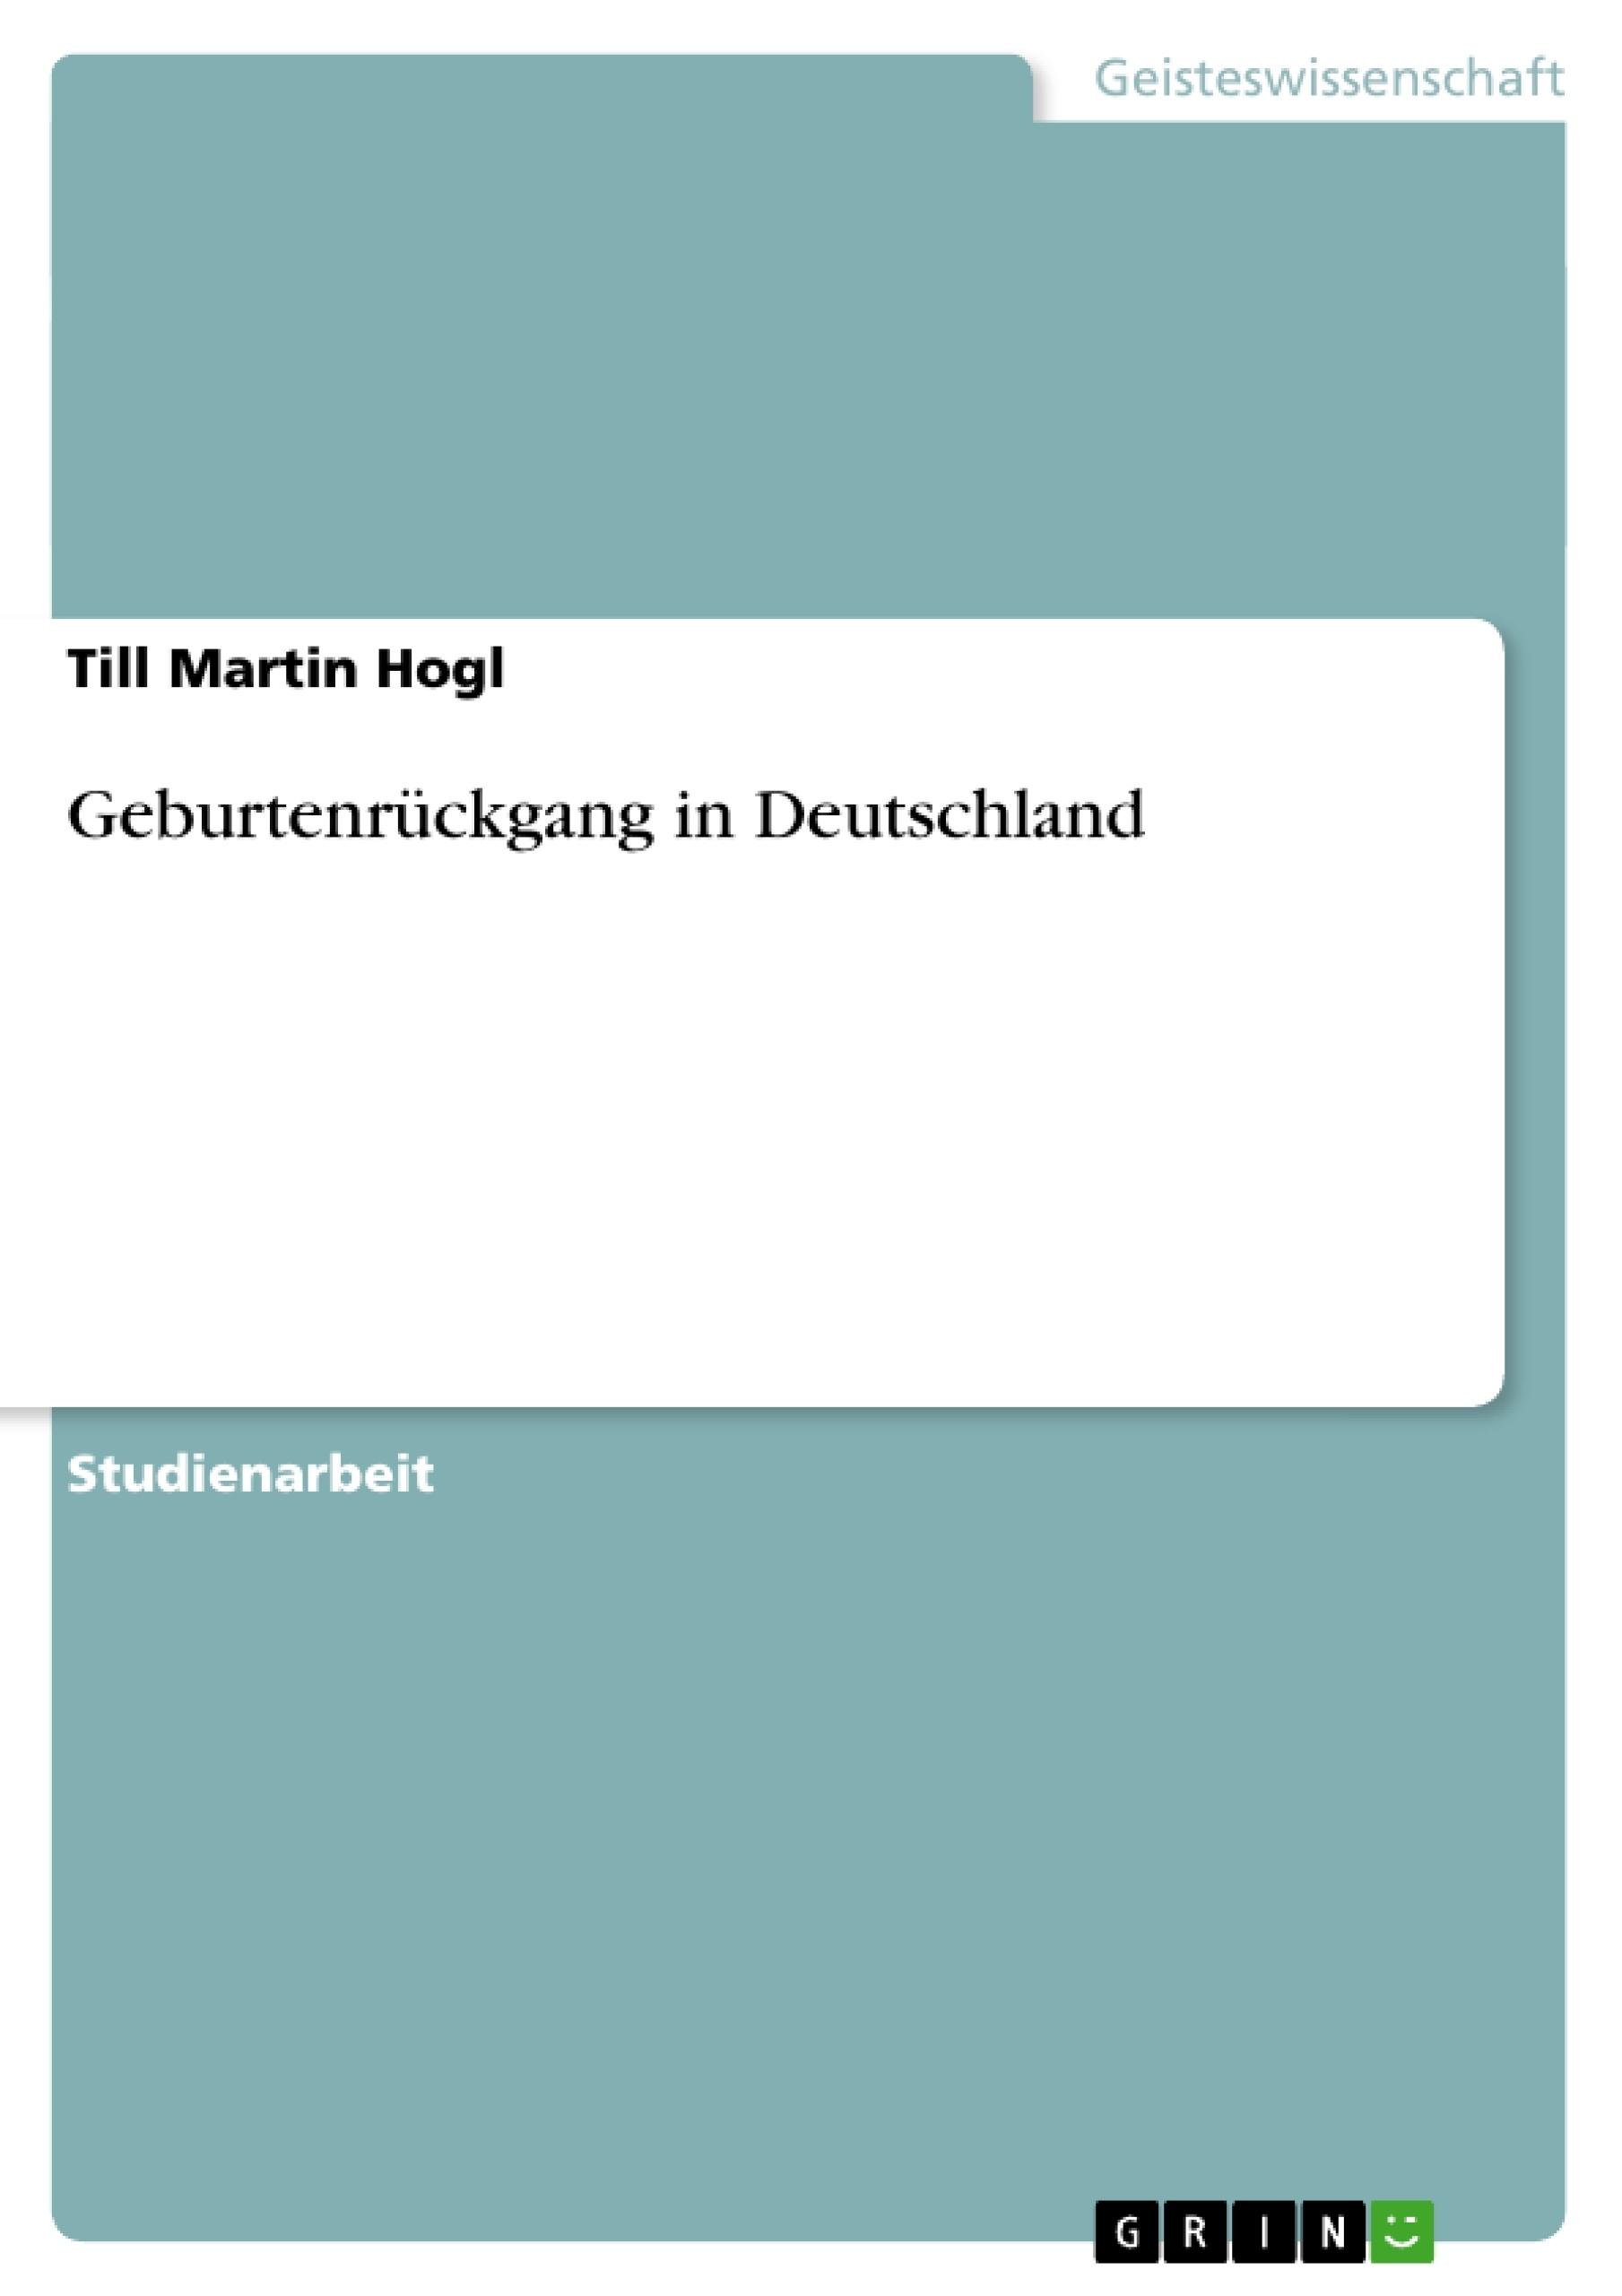 Titel: Geburtenrückgang in Deutschland